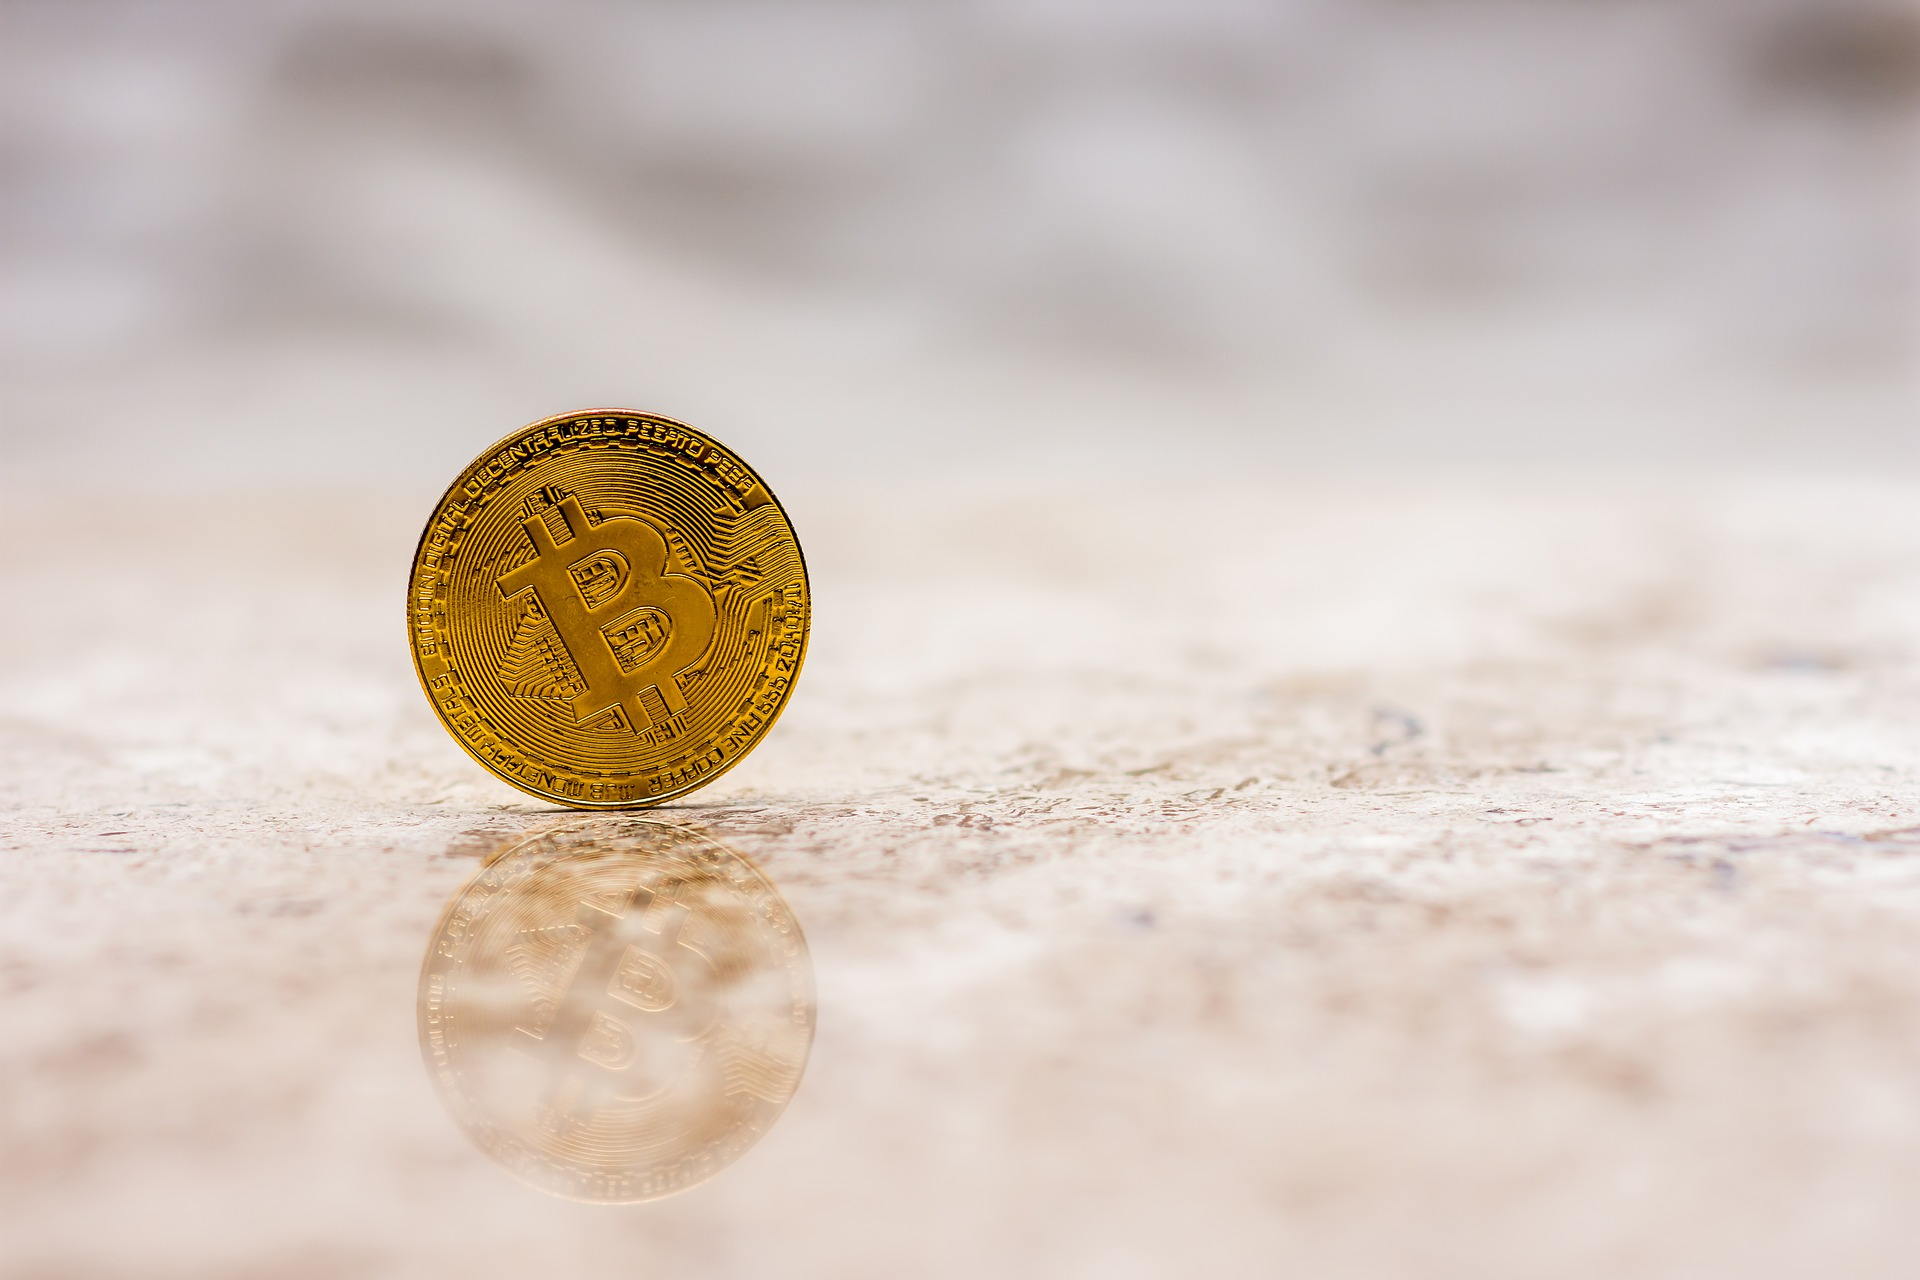 En Australie, un fonctionnaire est poursuivi pour avoir miné de la cryptomonnaie au travail